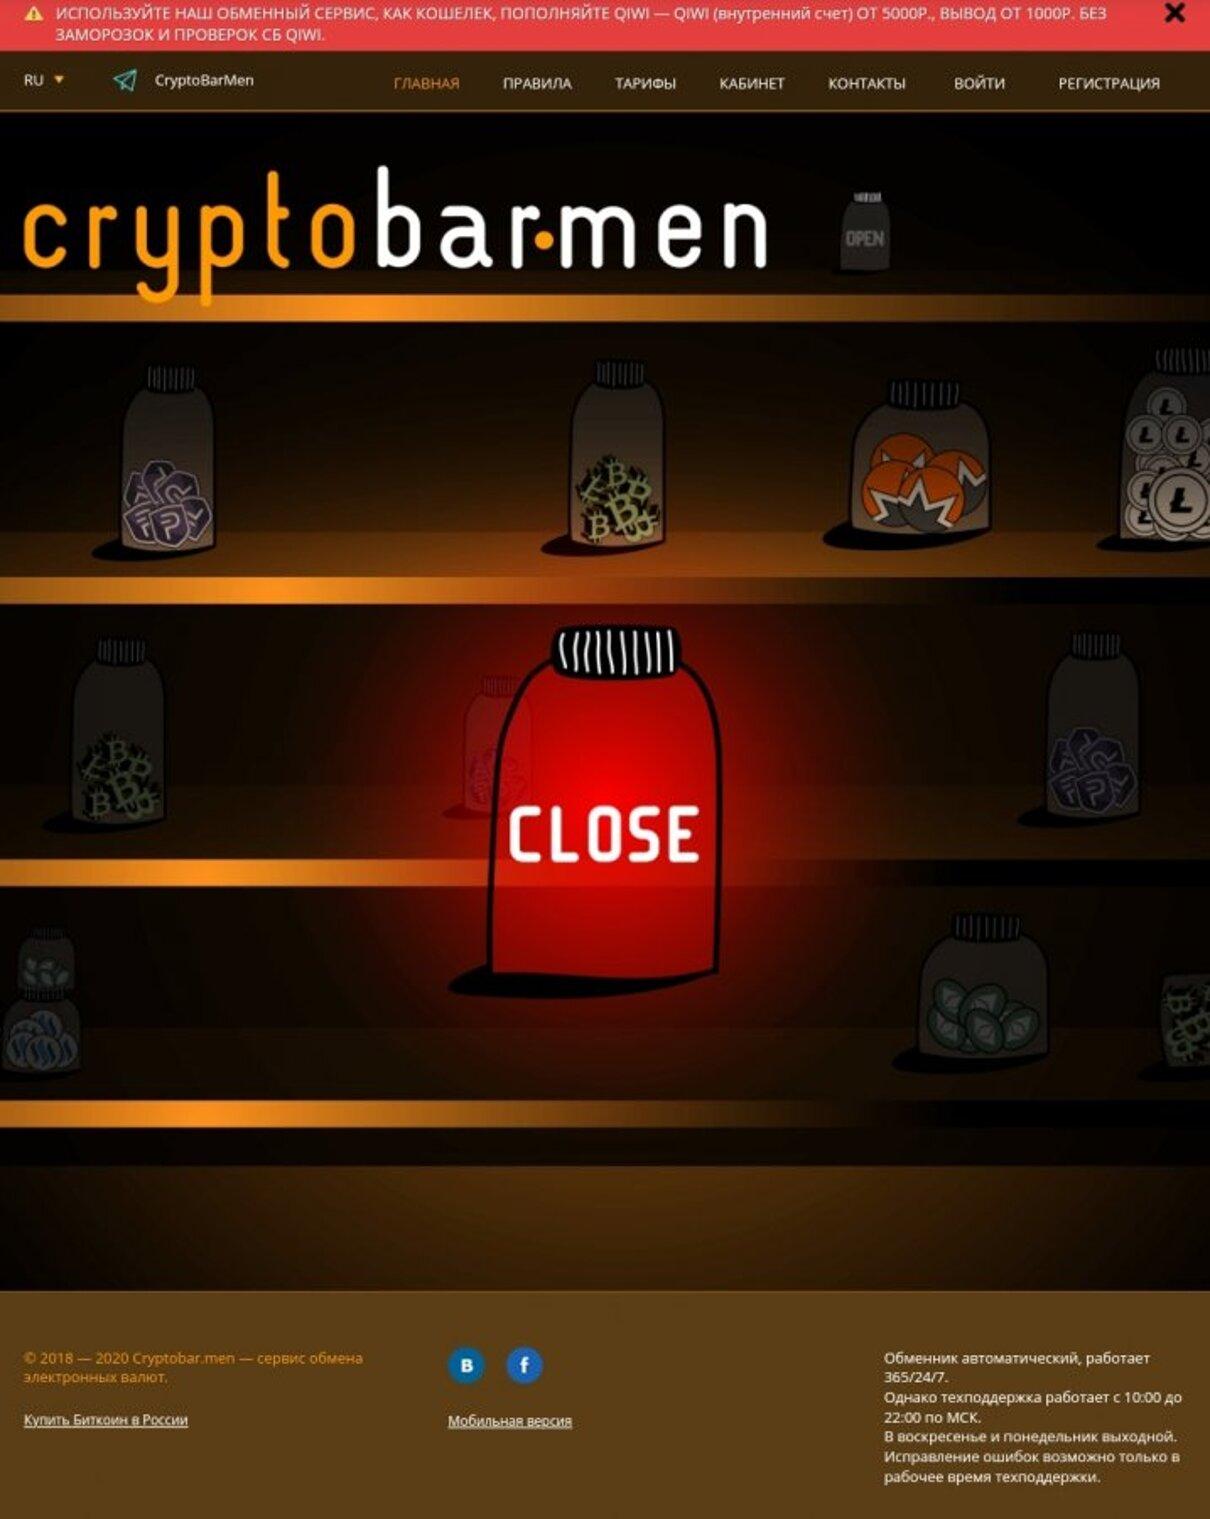 Жалоба-отзыв: Cryptobar.men, КРИПТО БАРМЕН - МОШЕНИКИ - Обманули и развели на криптовалюту.  Фото №1